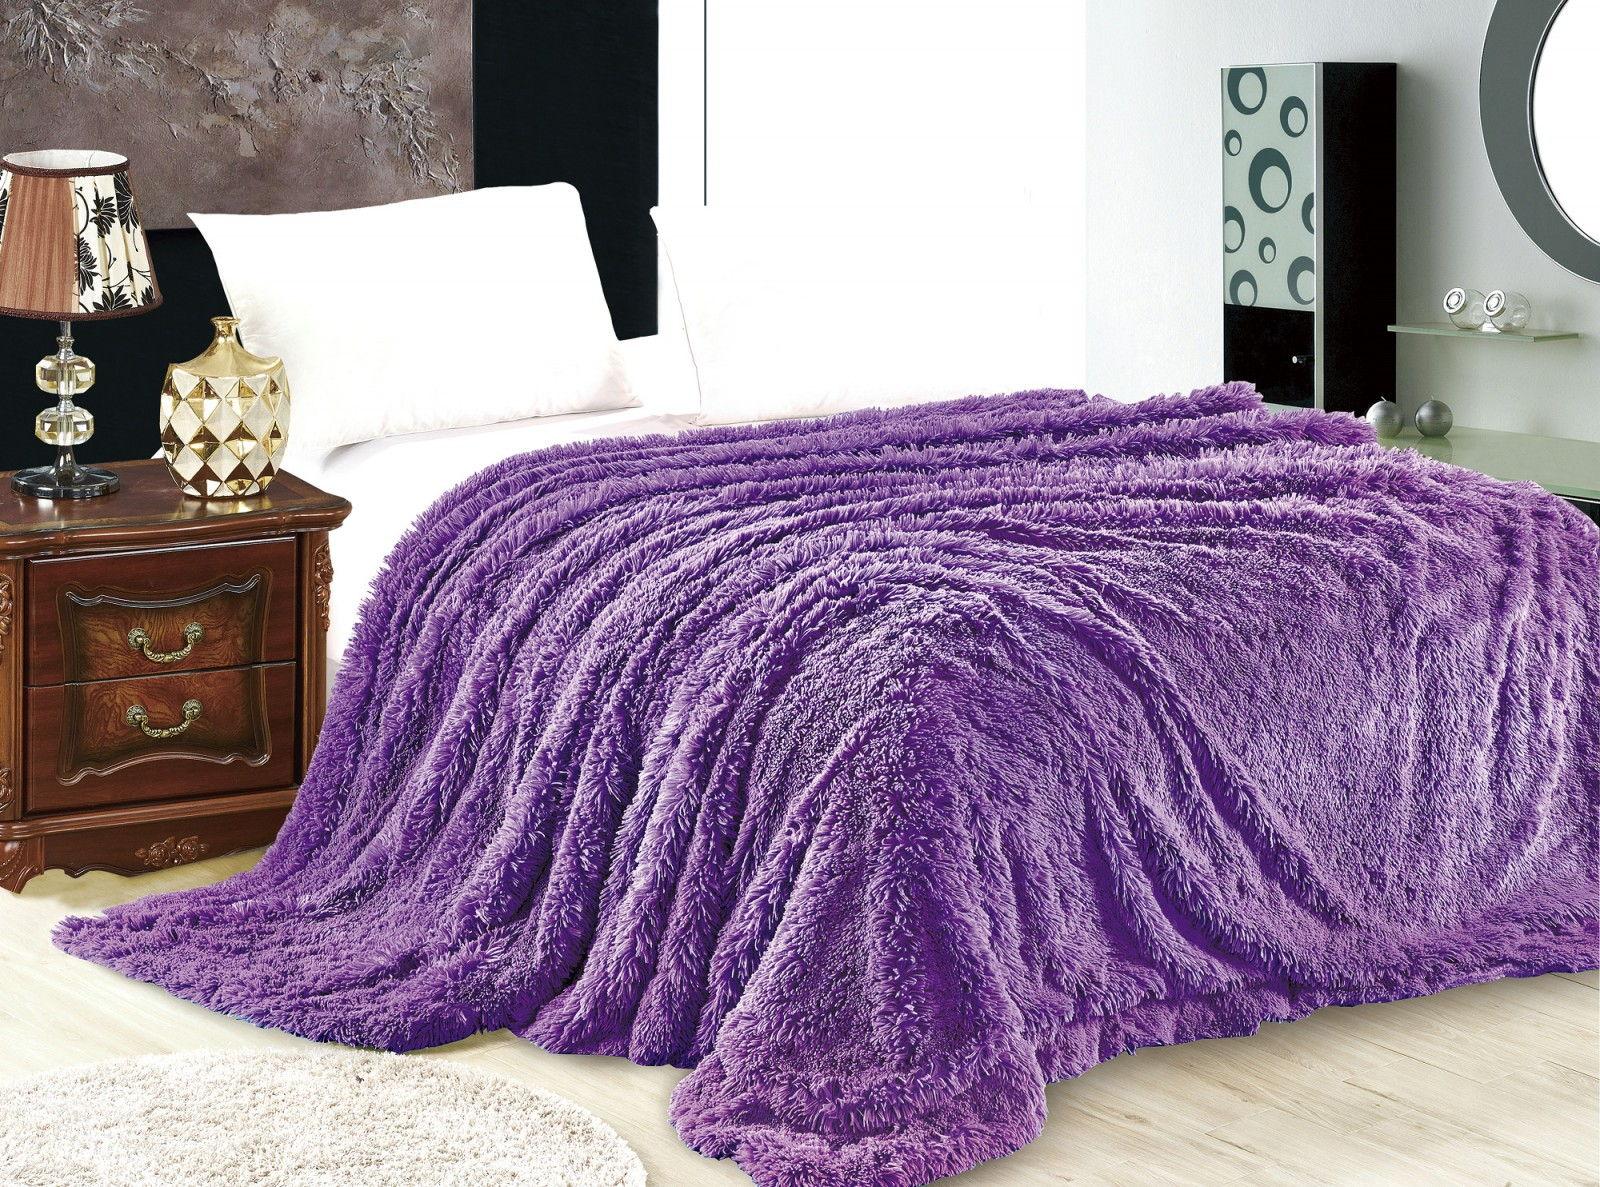 Яркое фиолетовое меховое покрывало в спальне